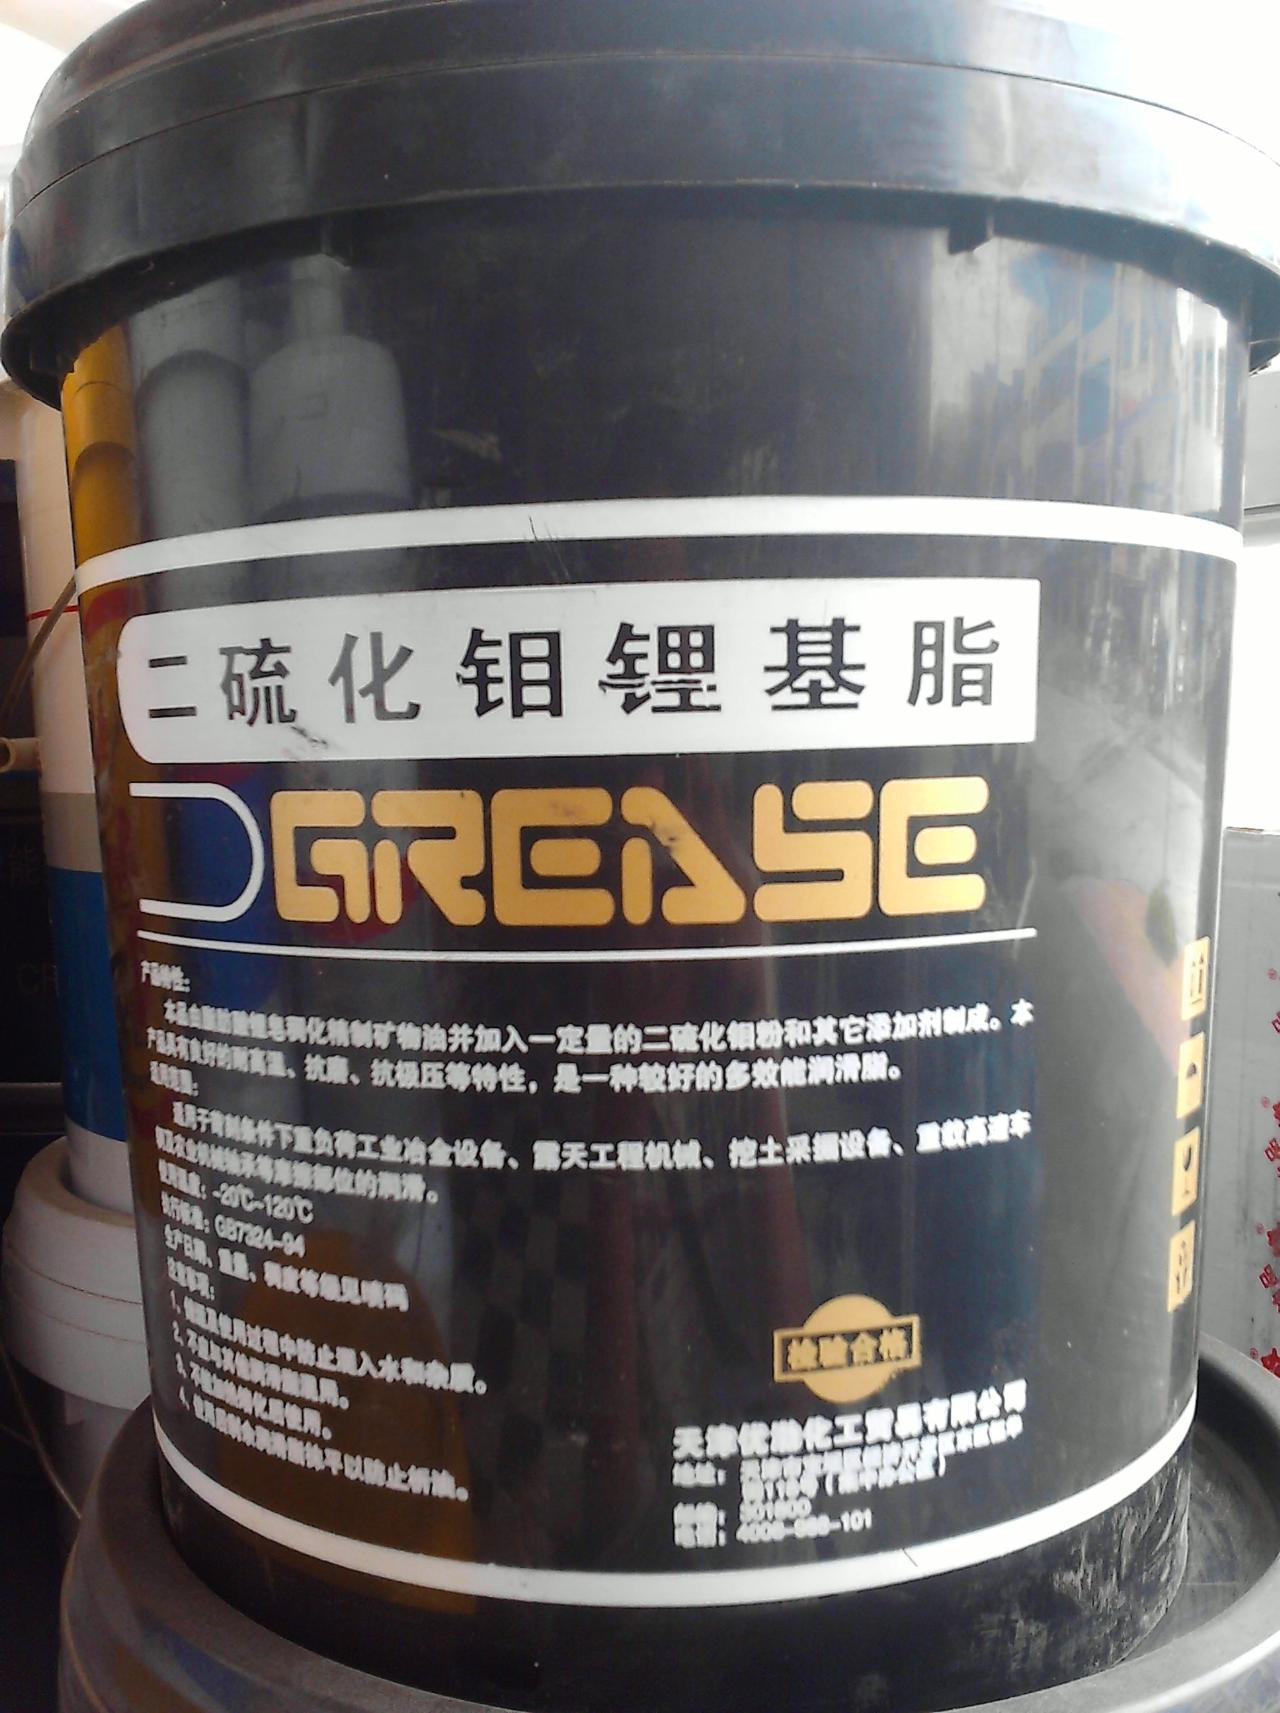 二硫化钼锂基脂12KG